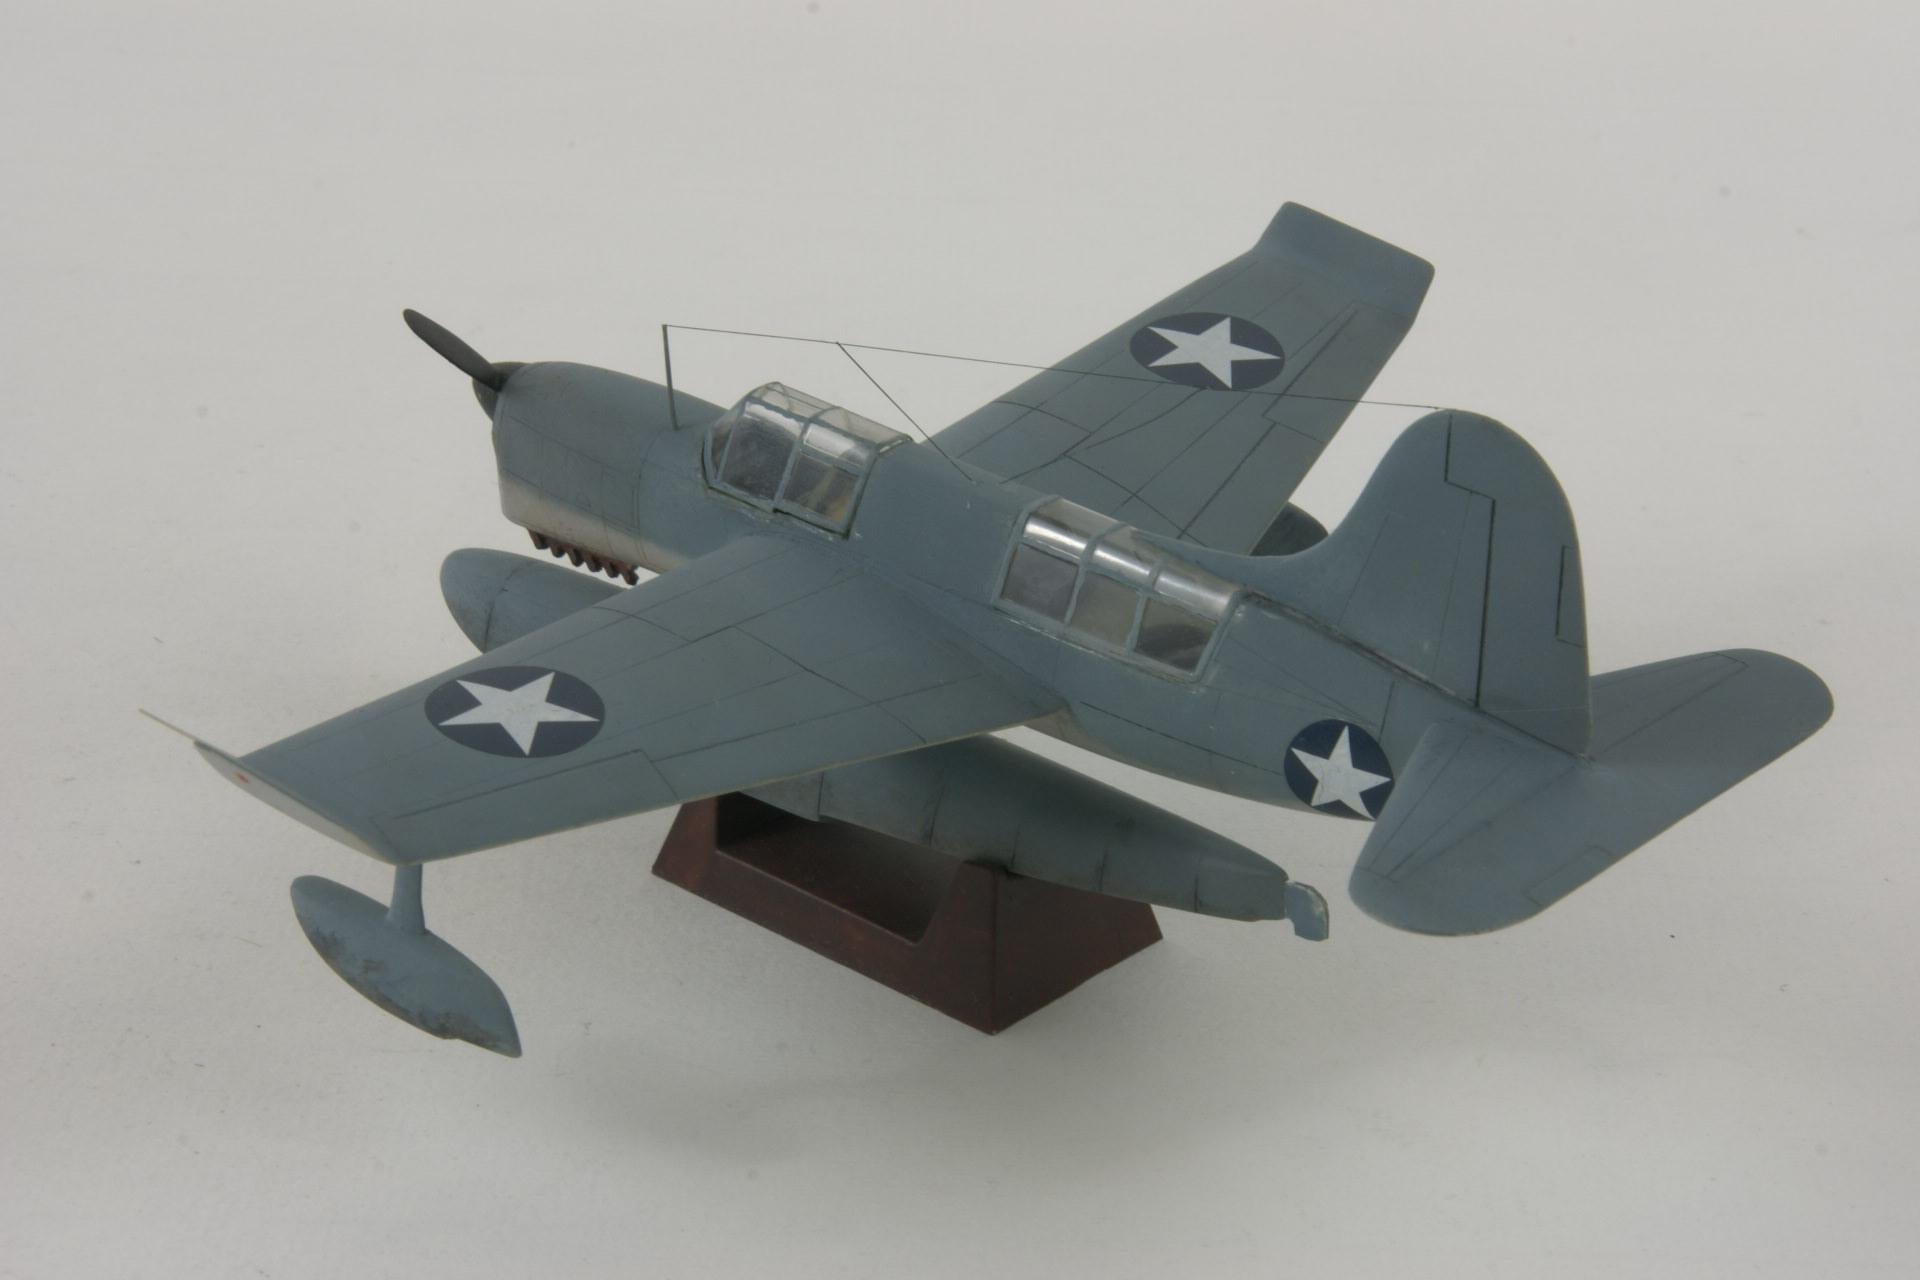 Curtiss so3c 1 seagull 2 2